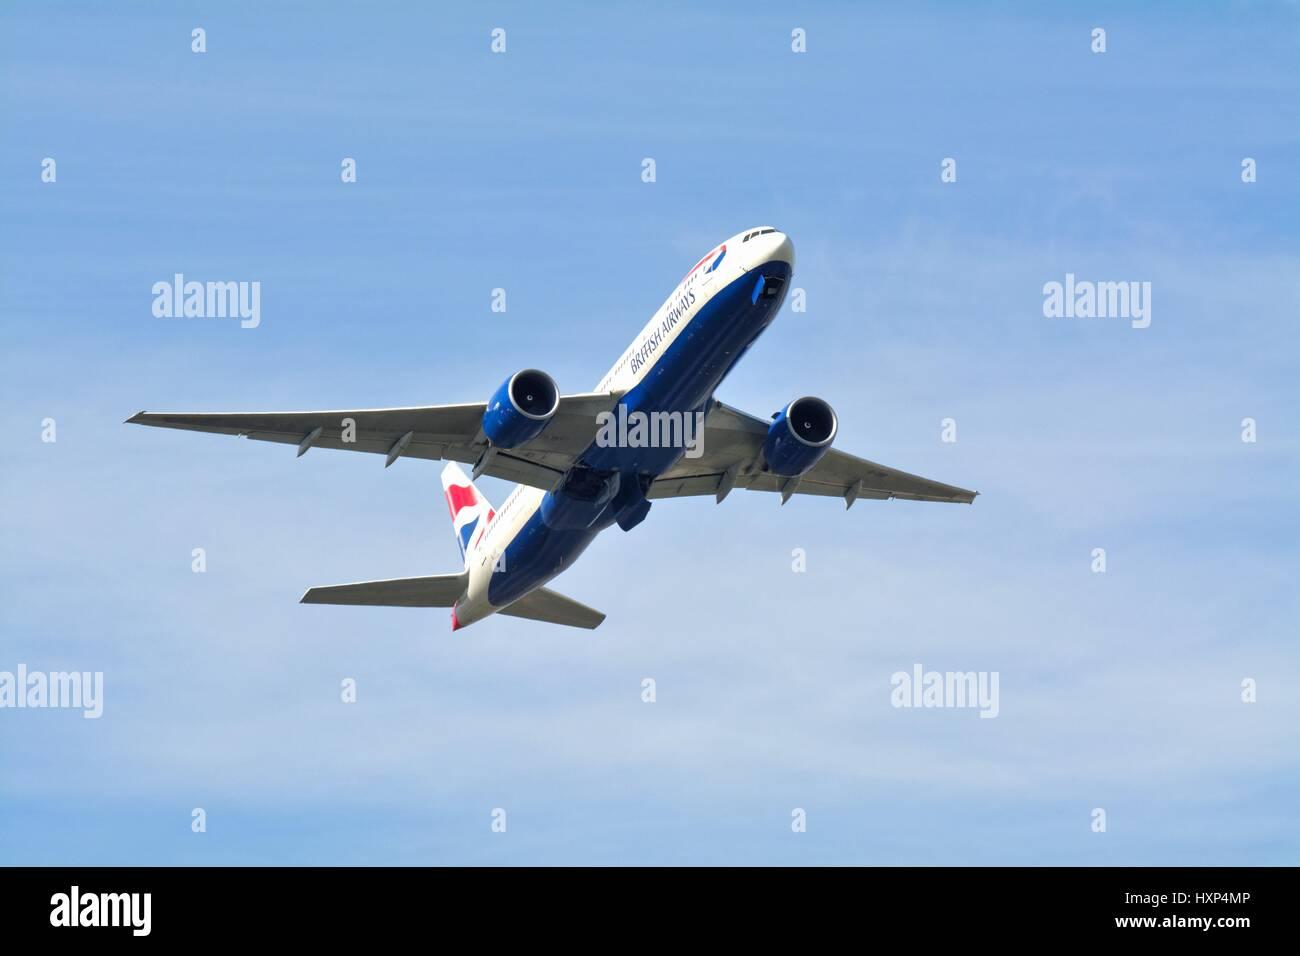 British Airways Boeing -777 pasajero avión despegando desde el aeropuerto de Heathrow, Londres, Gran Bretaña. Imagen De Stock